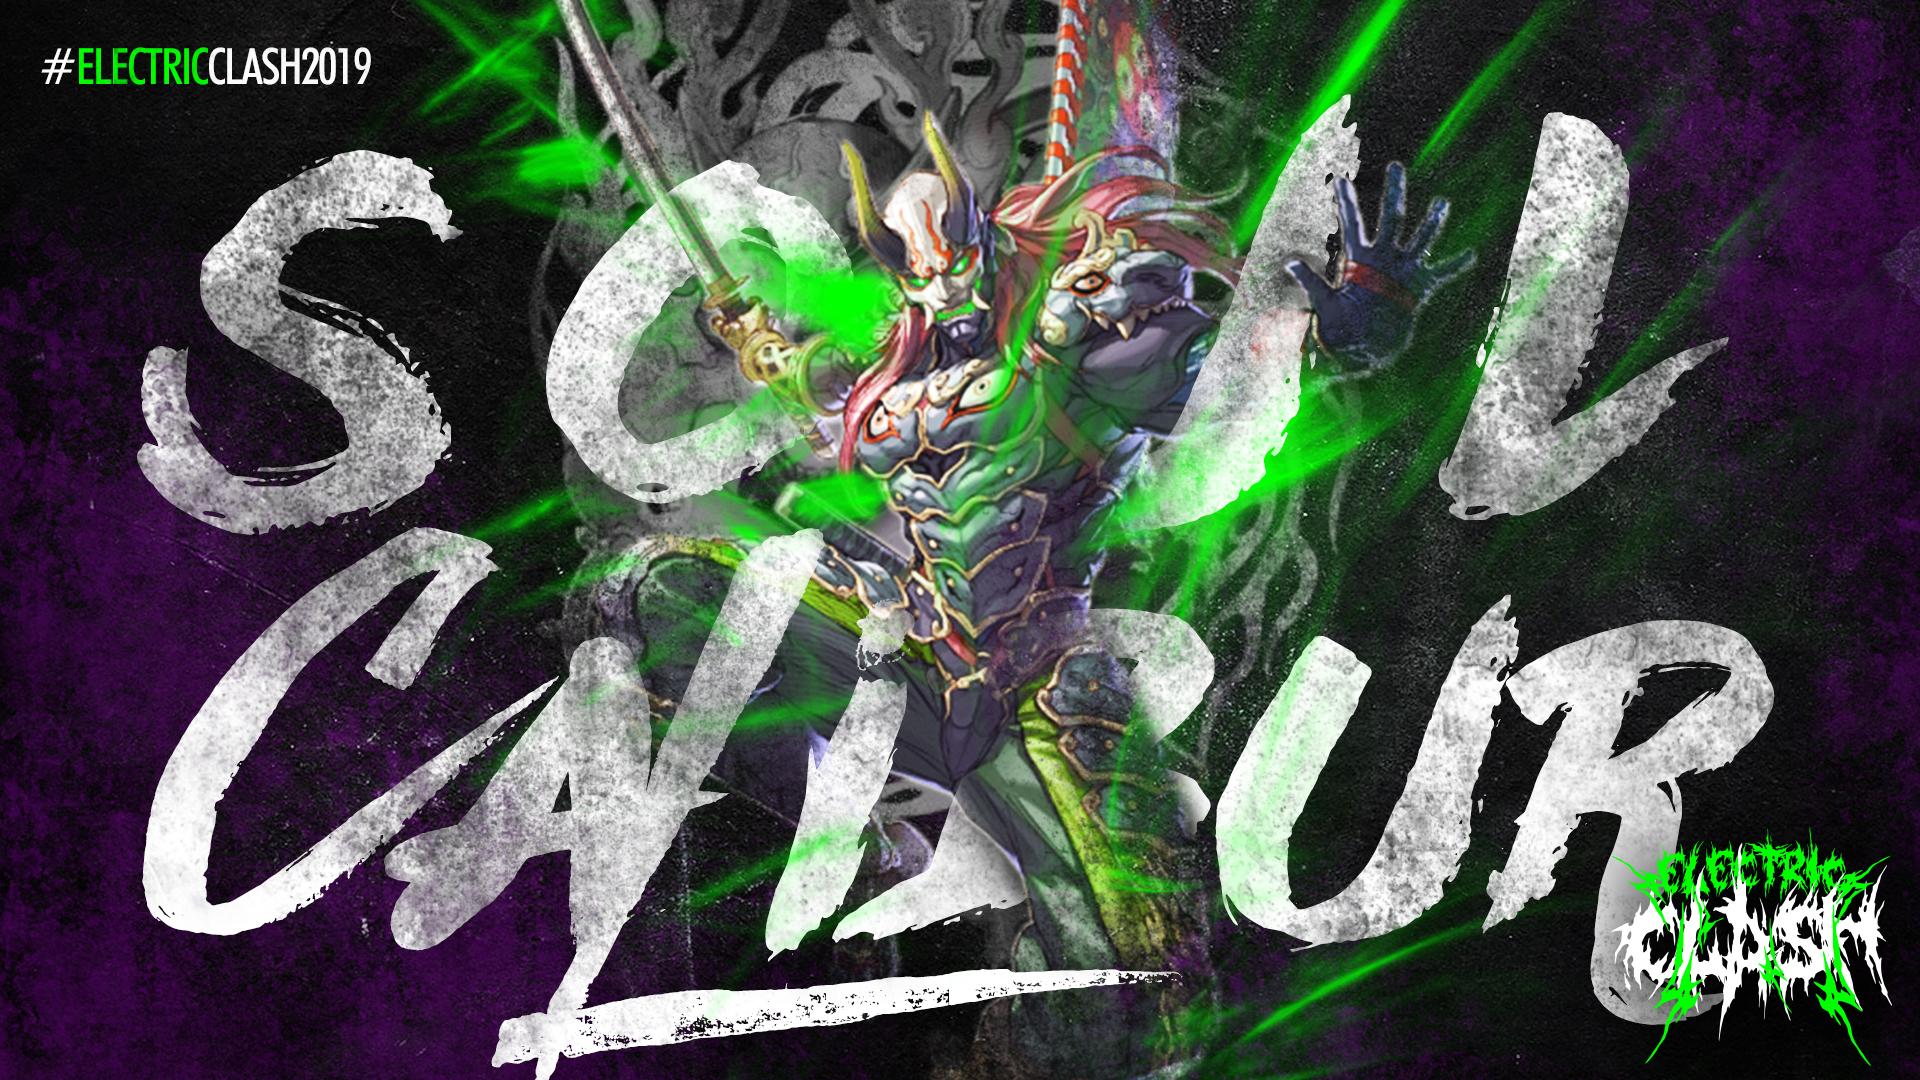 Soul Calibur ad creative, designed by Incendium.gg